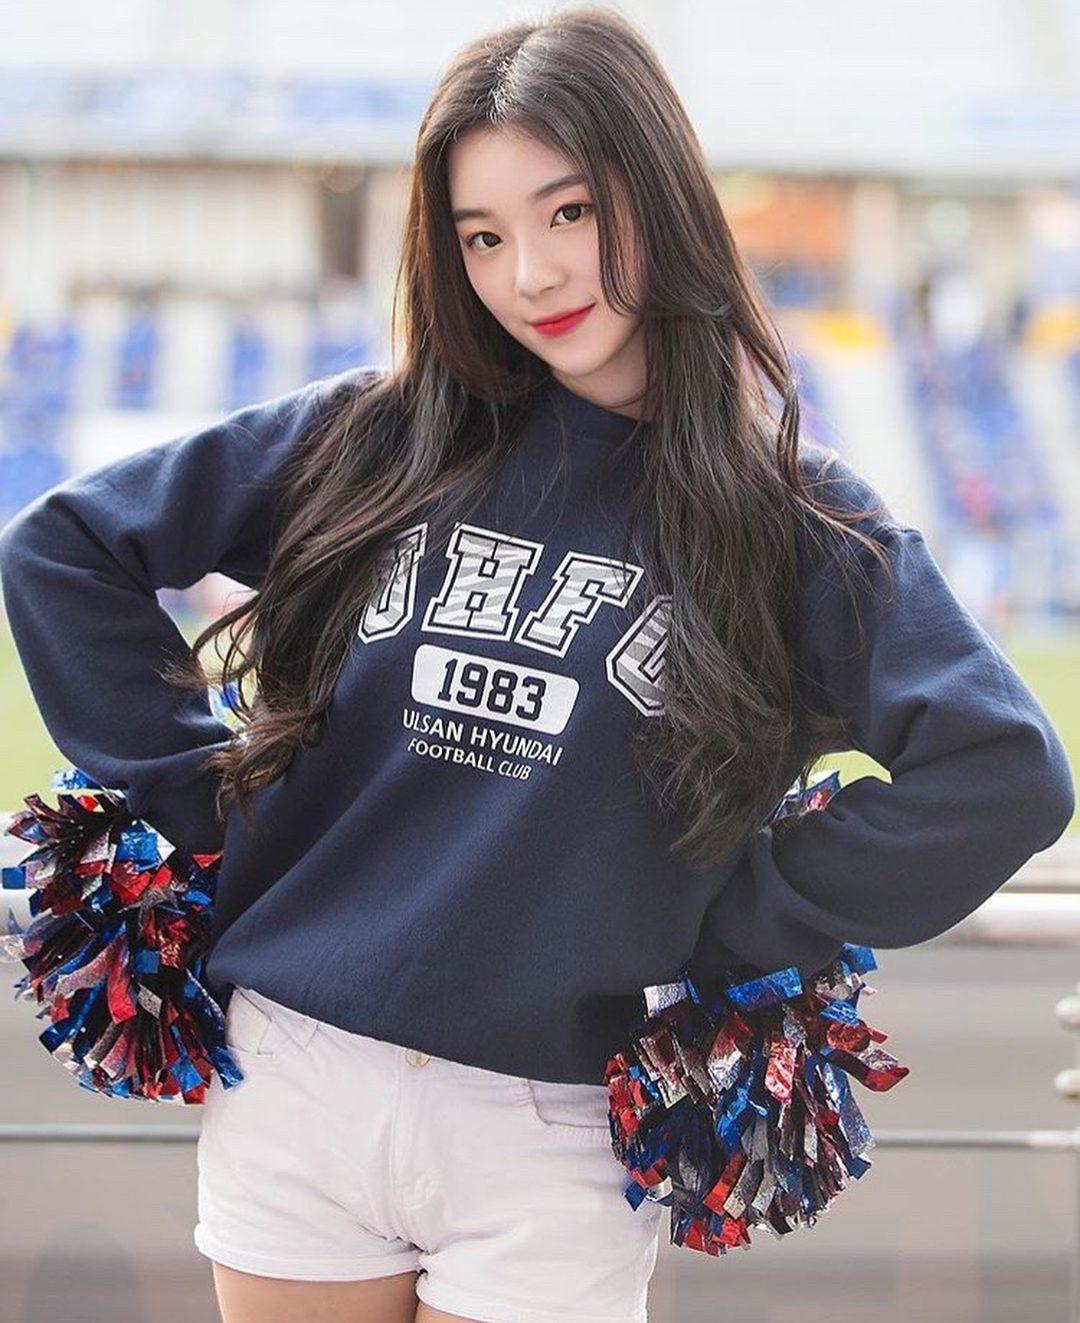 然而最近韓國網友討論度最高的素人,應該就非韓華鷹隊的啦啦隊隊員조연주莫屬了吧,因亮麗的外型在亮相後立刻引起廣大網友的討論,網友紛紛表示조연주的外型和IRENE非常相似~